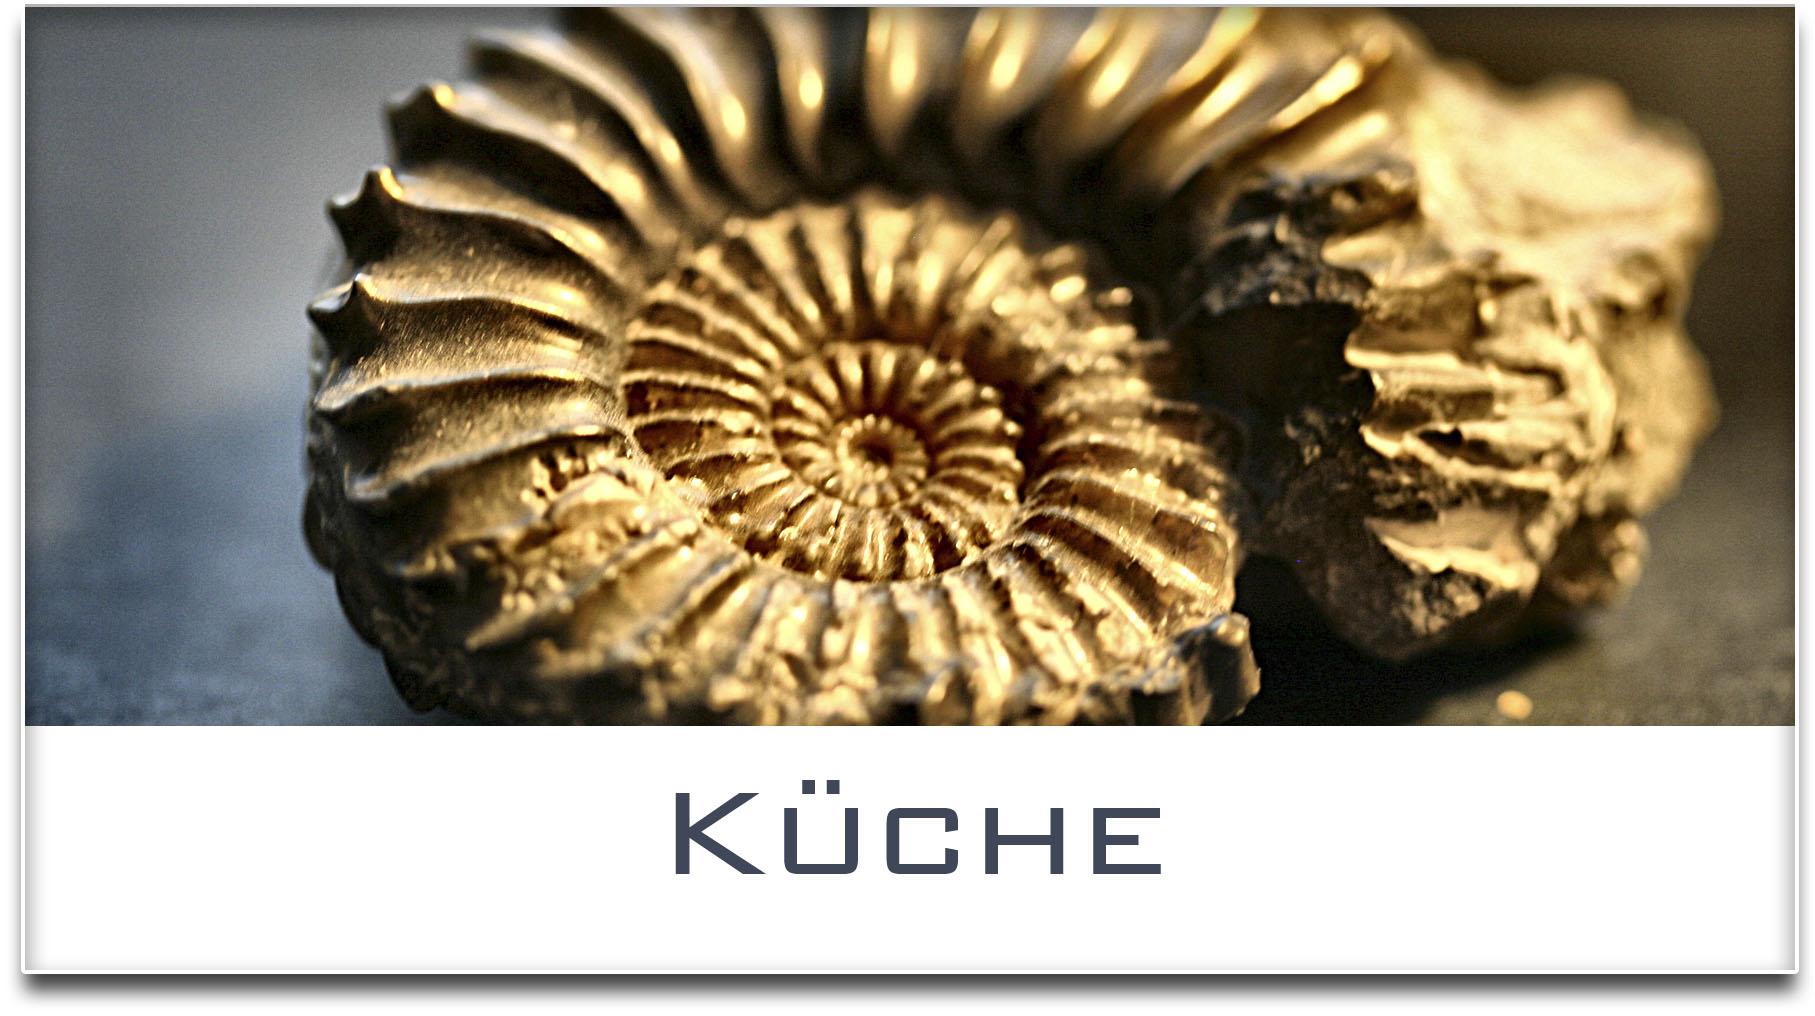 Türschild / Haustürschild / Versteinerte Muschel / Küche / Selbstklebend